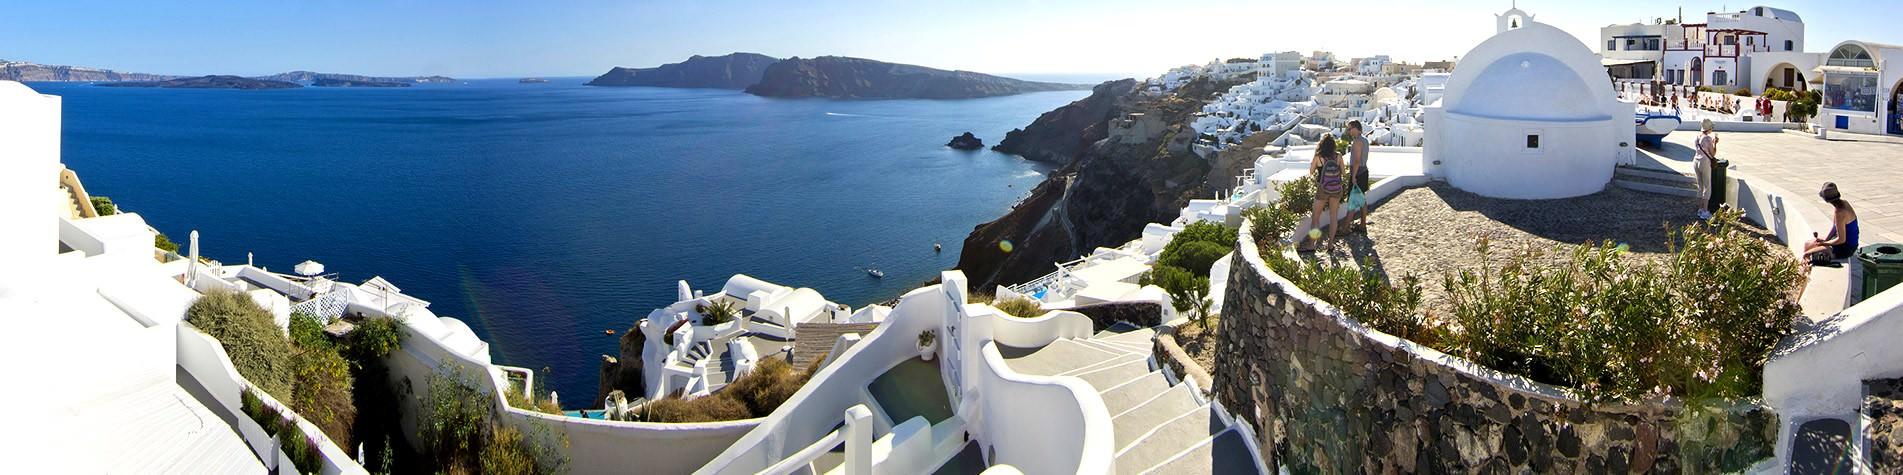 Santorini Island Holidays